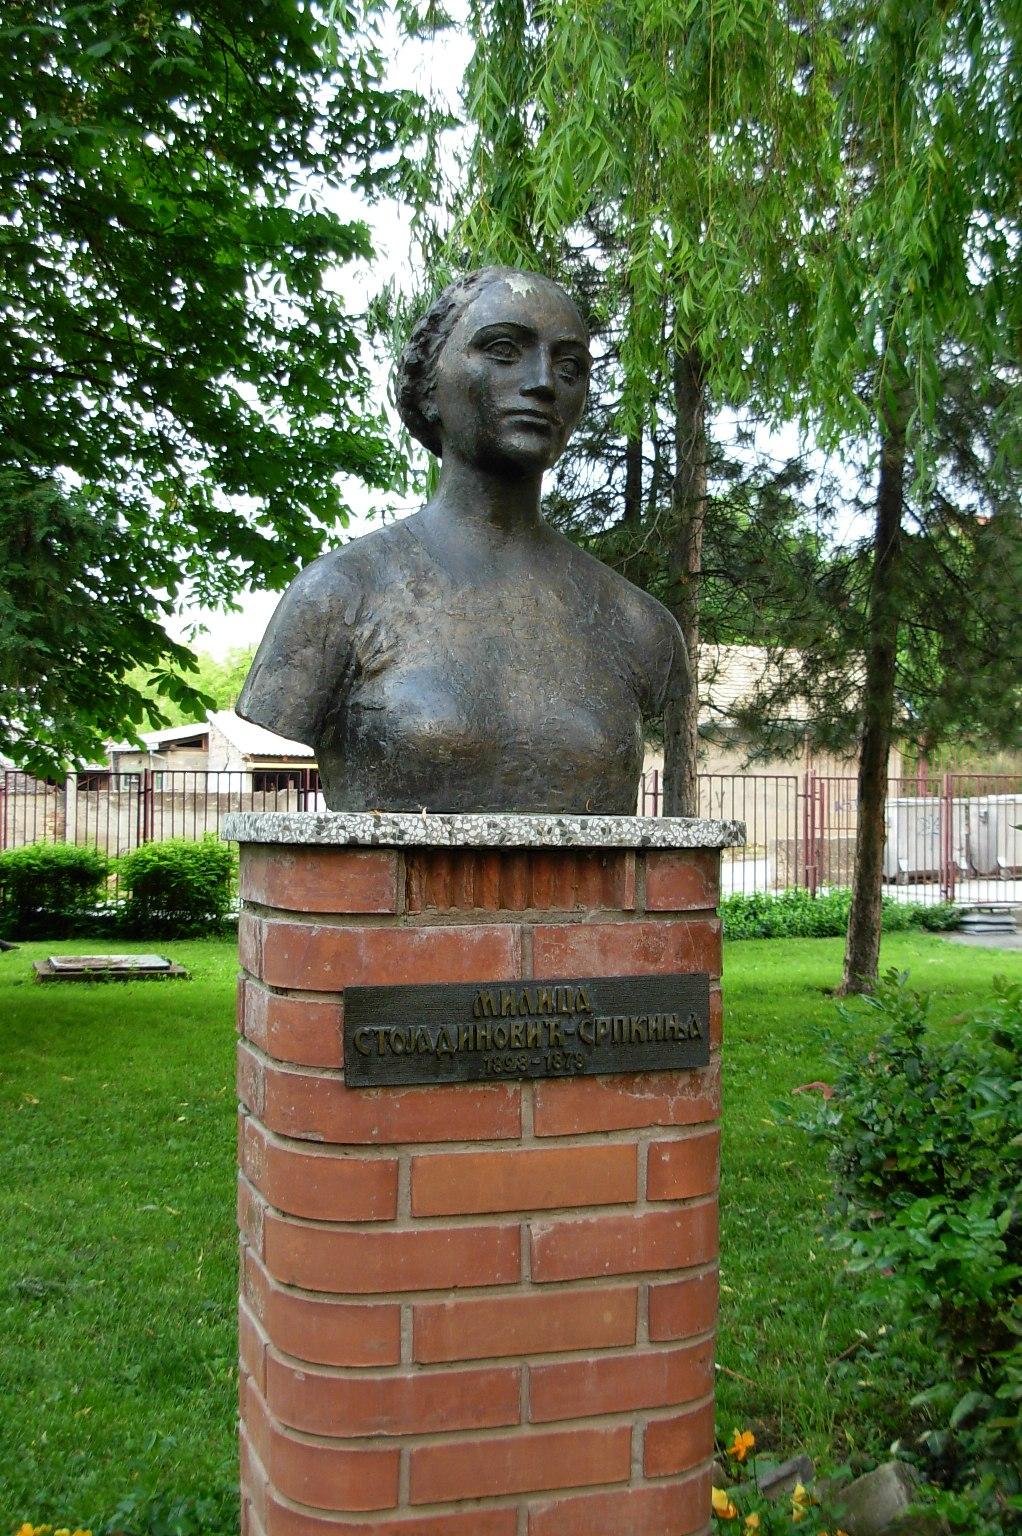 Milica Stojadinovic Srpkinja dragoslav miloradovic